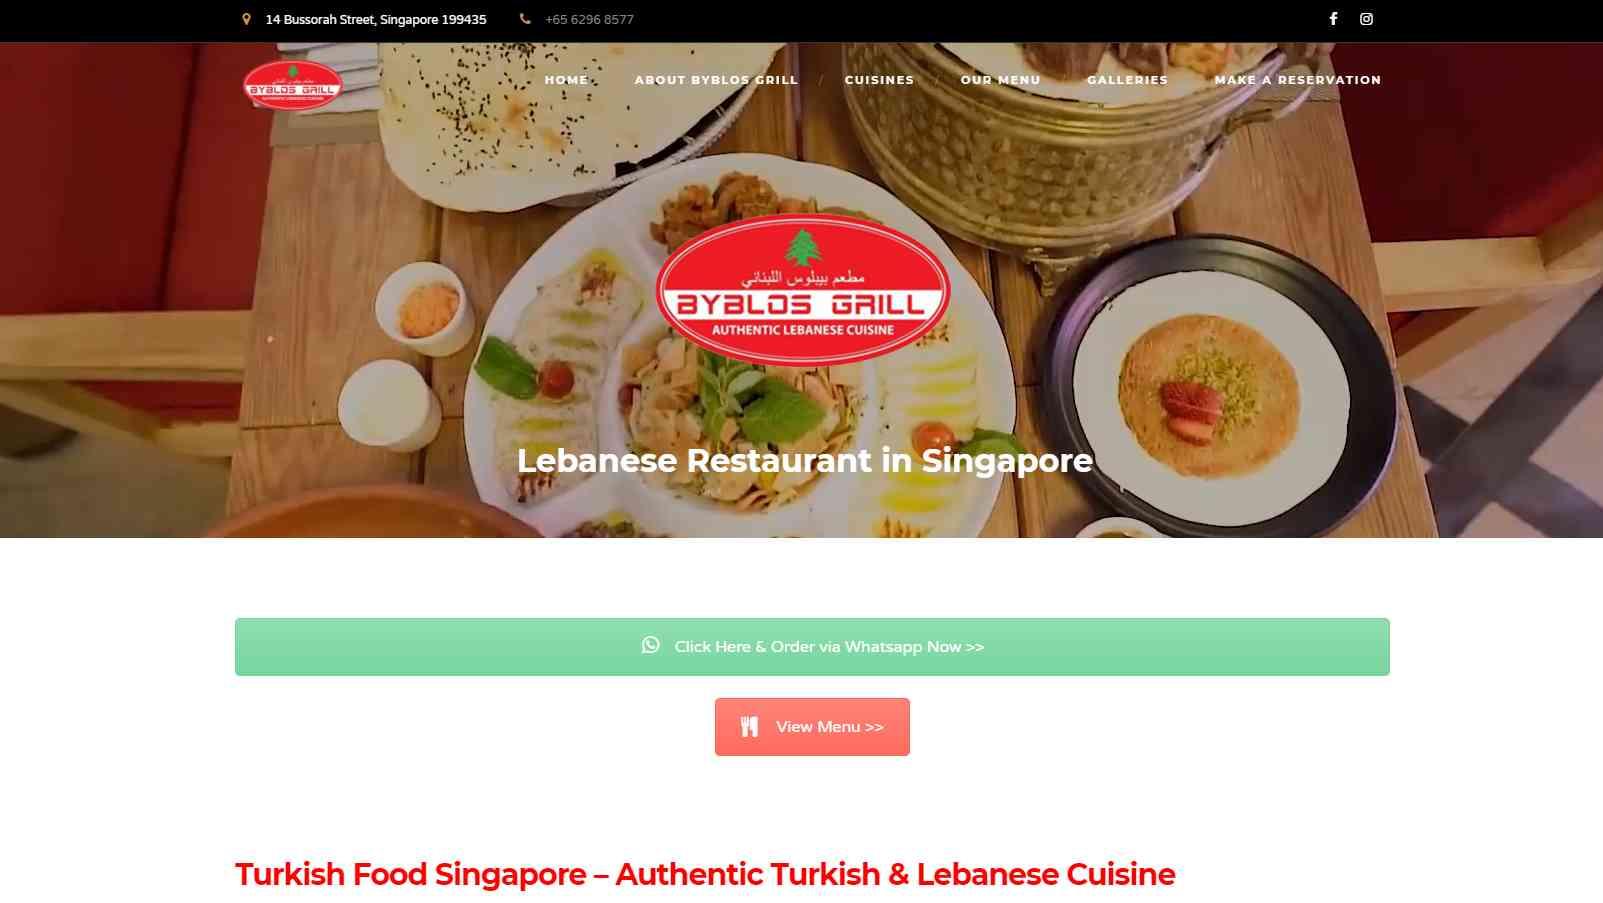 Byblo Grills Top Turkish Restaurants in Singapore